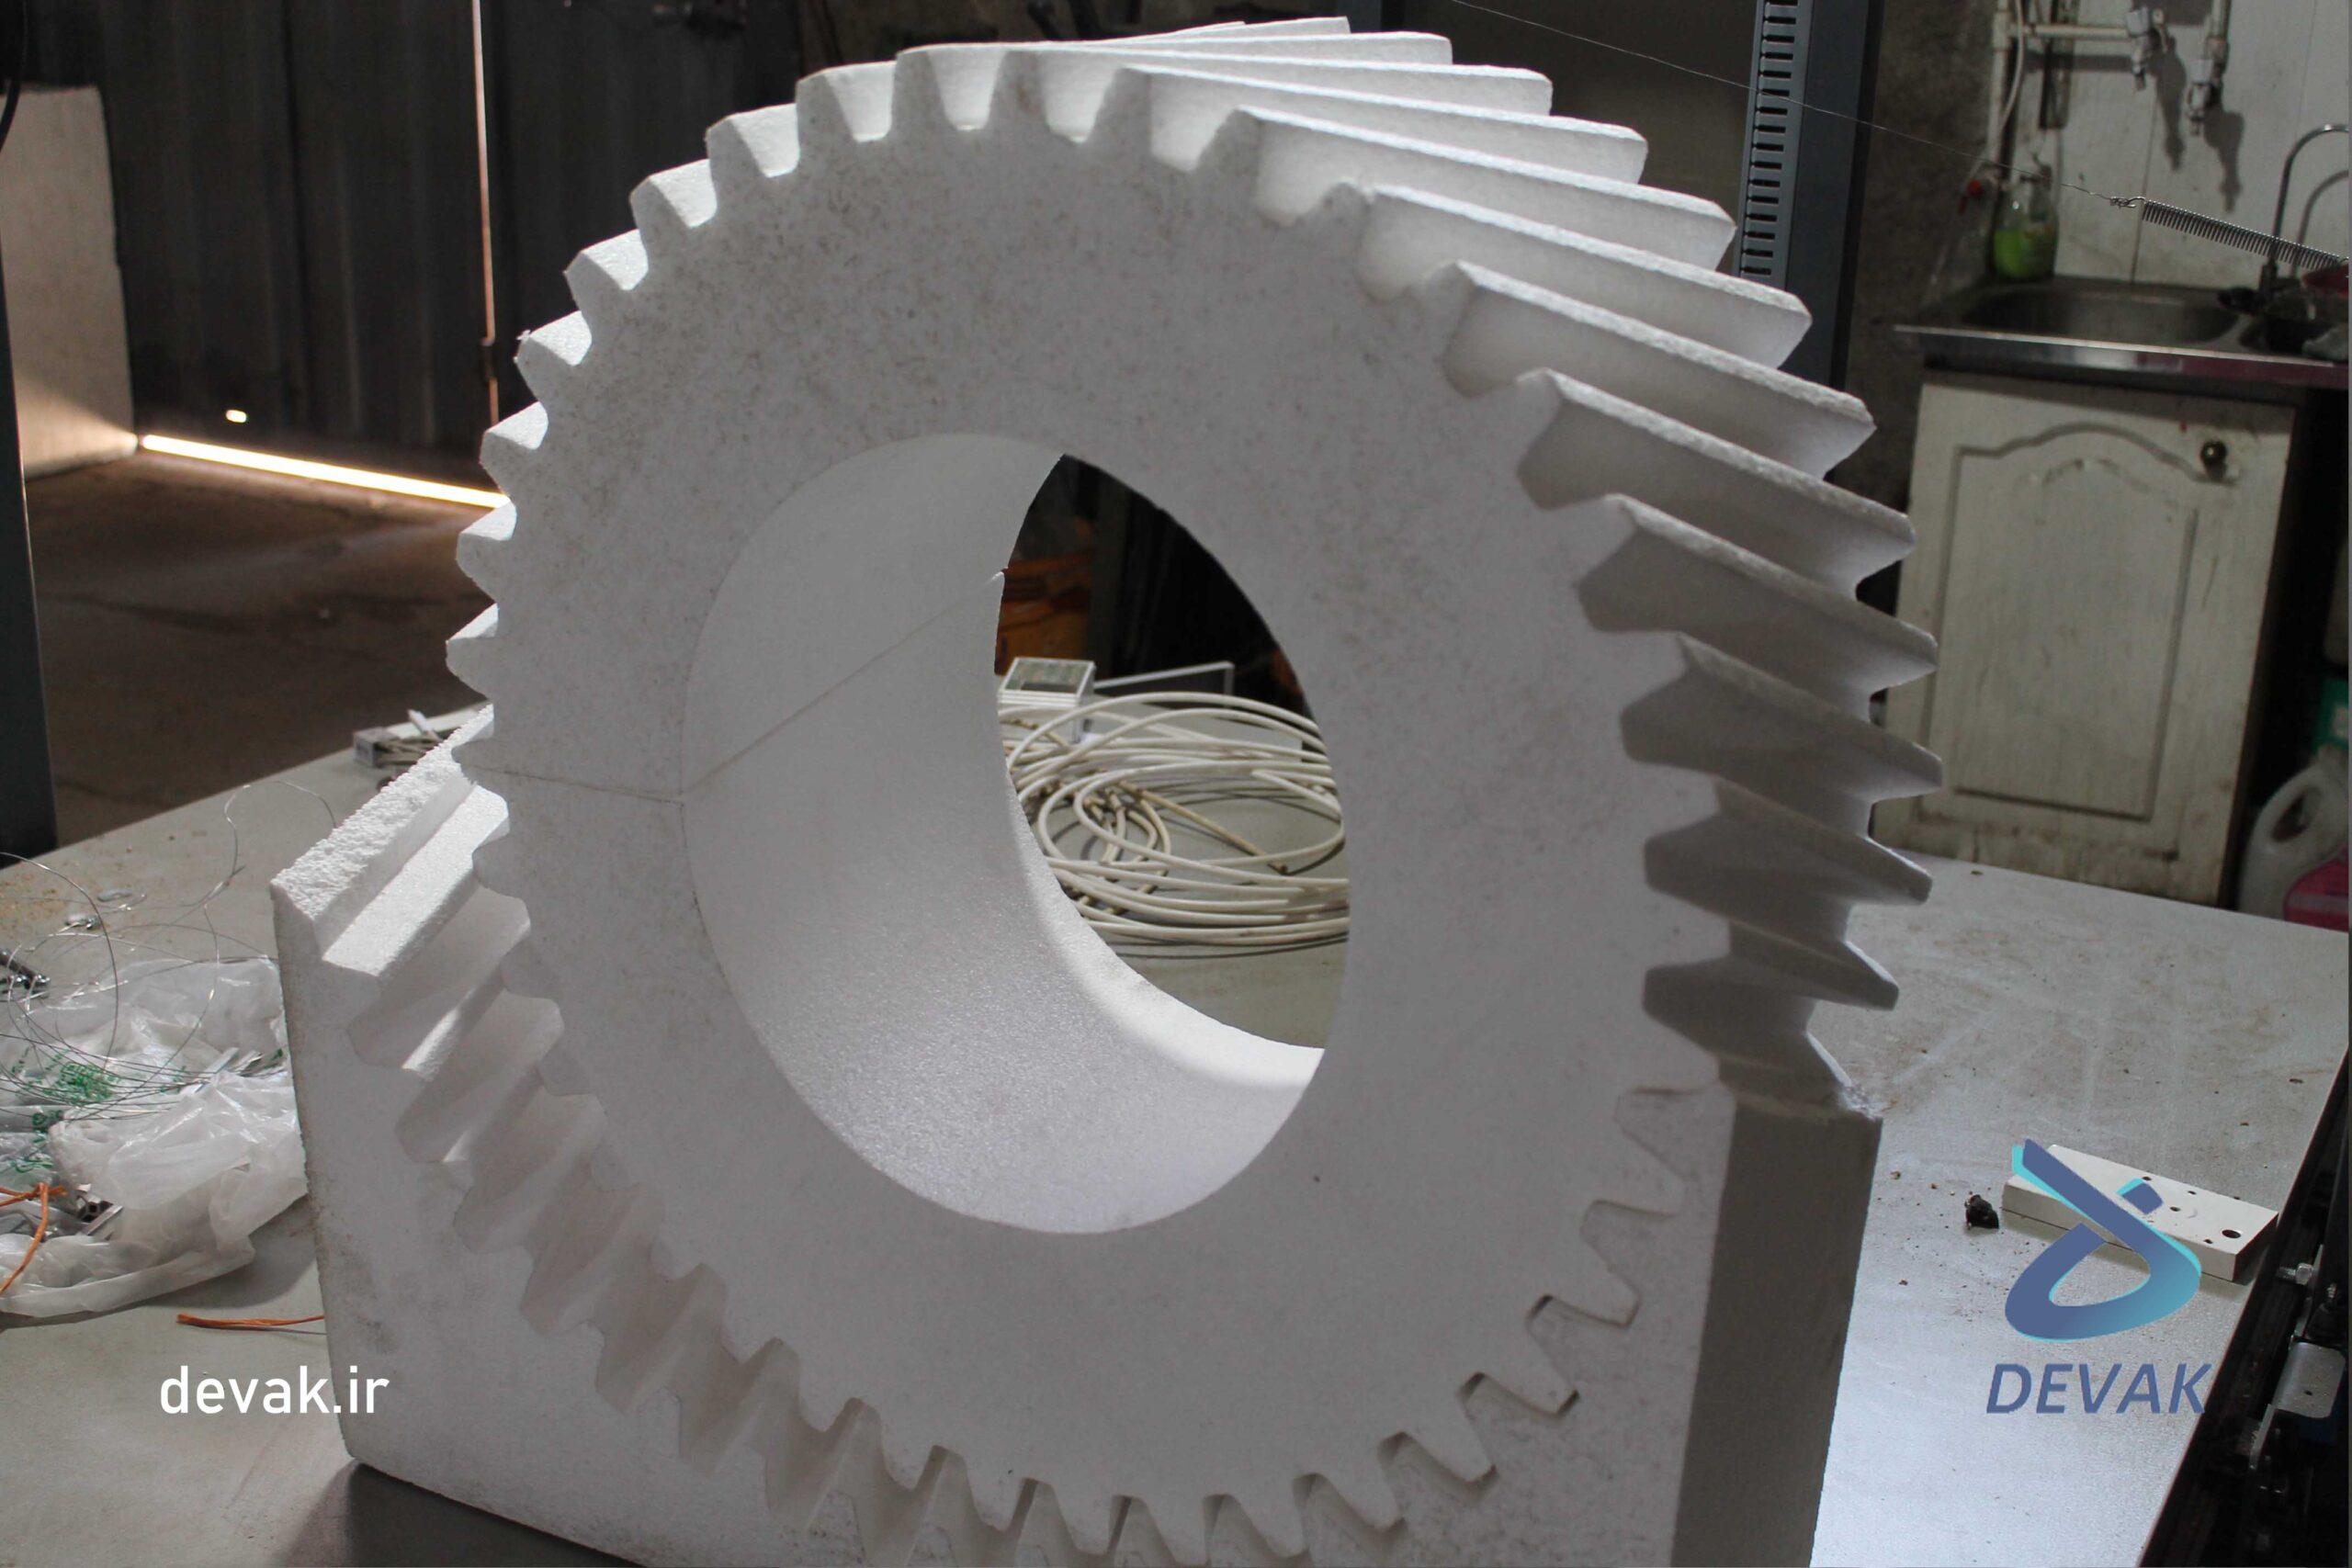 ساخت قالب یونولیتی با دستگاه سی ان سی قالب چرخ دنده